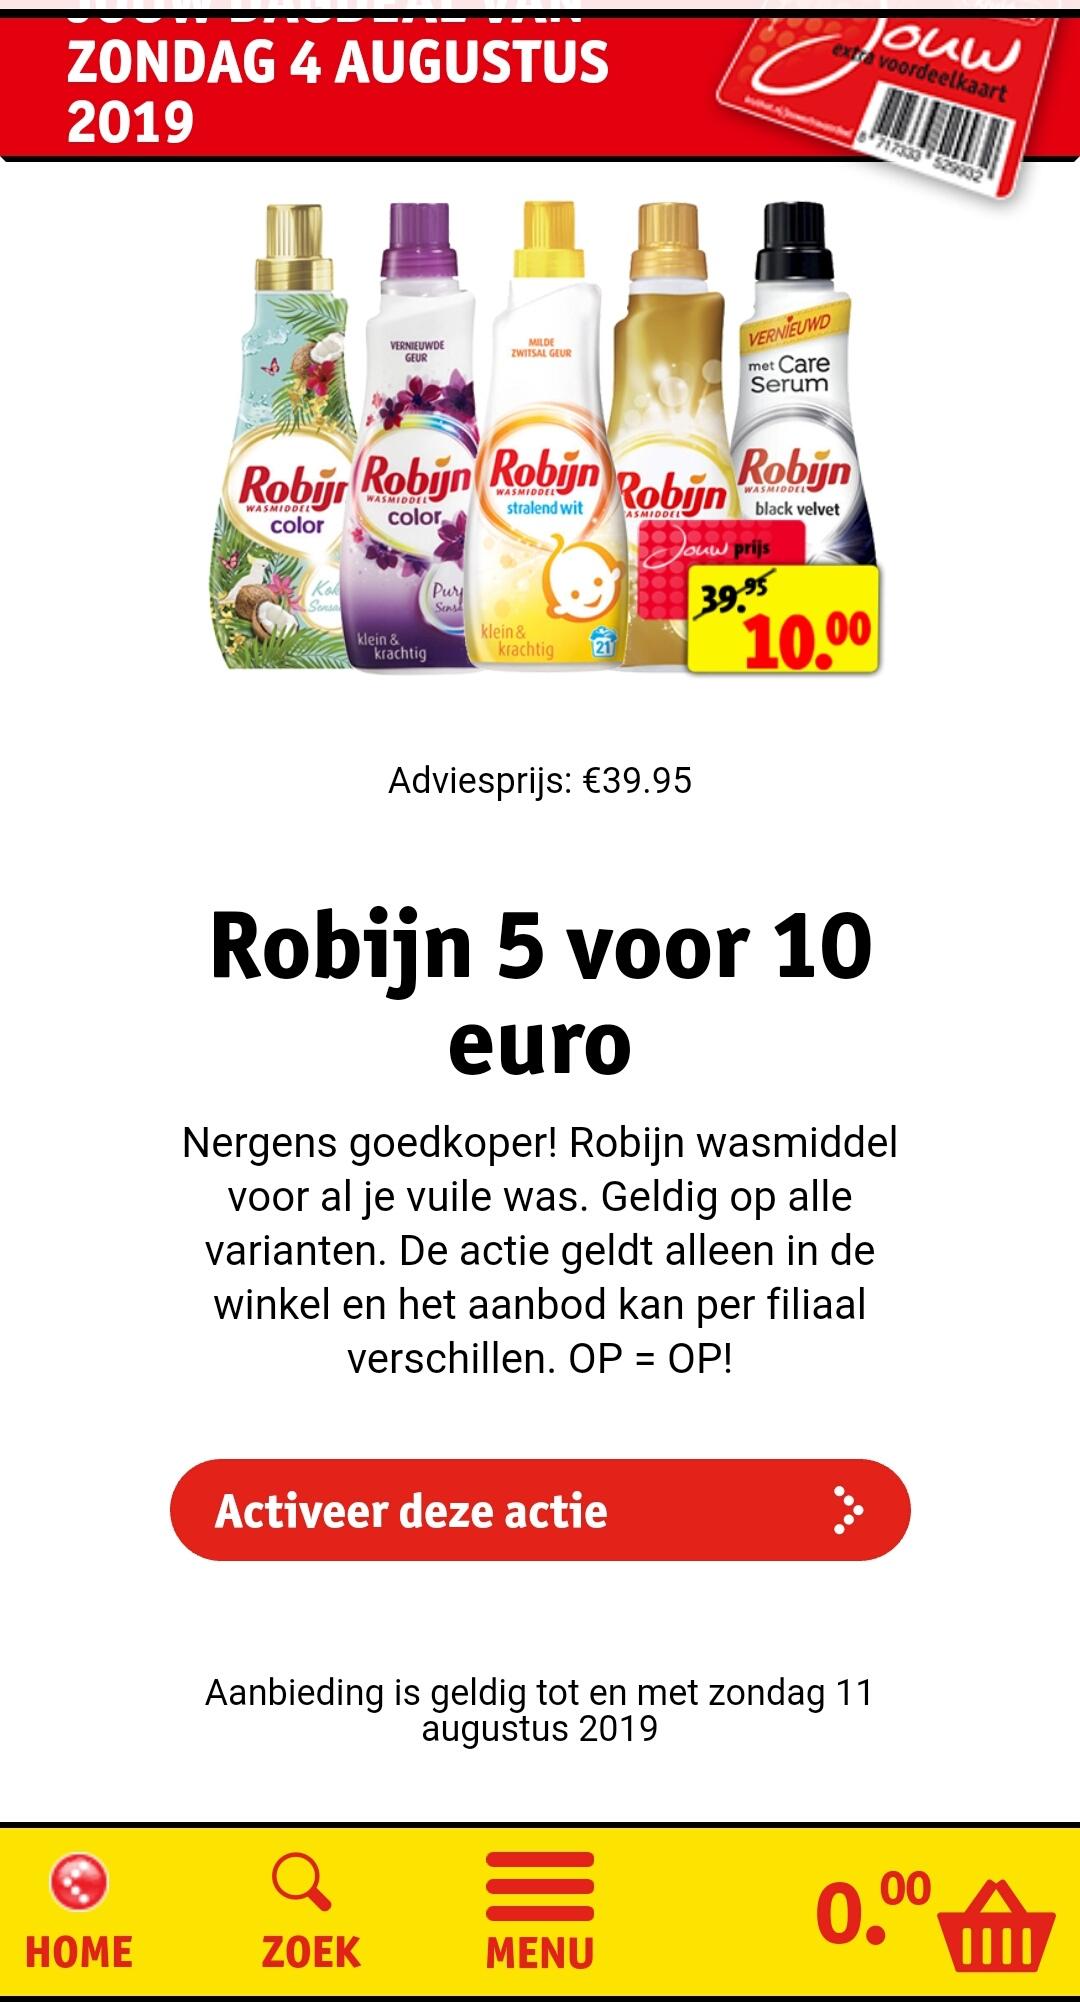 Kruidvat 5 Robijn wasmiddel voor €10 (adviesprijs €39,95)